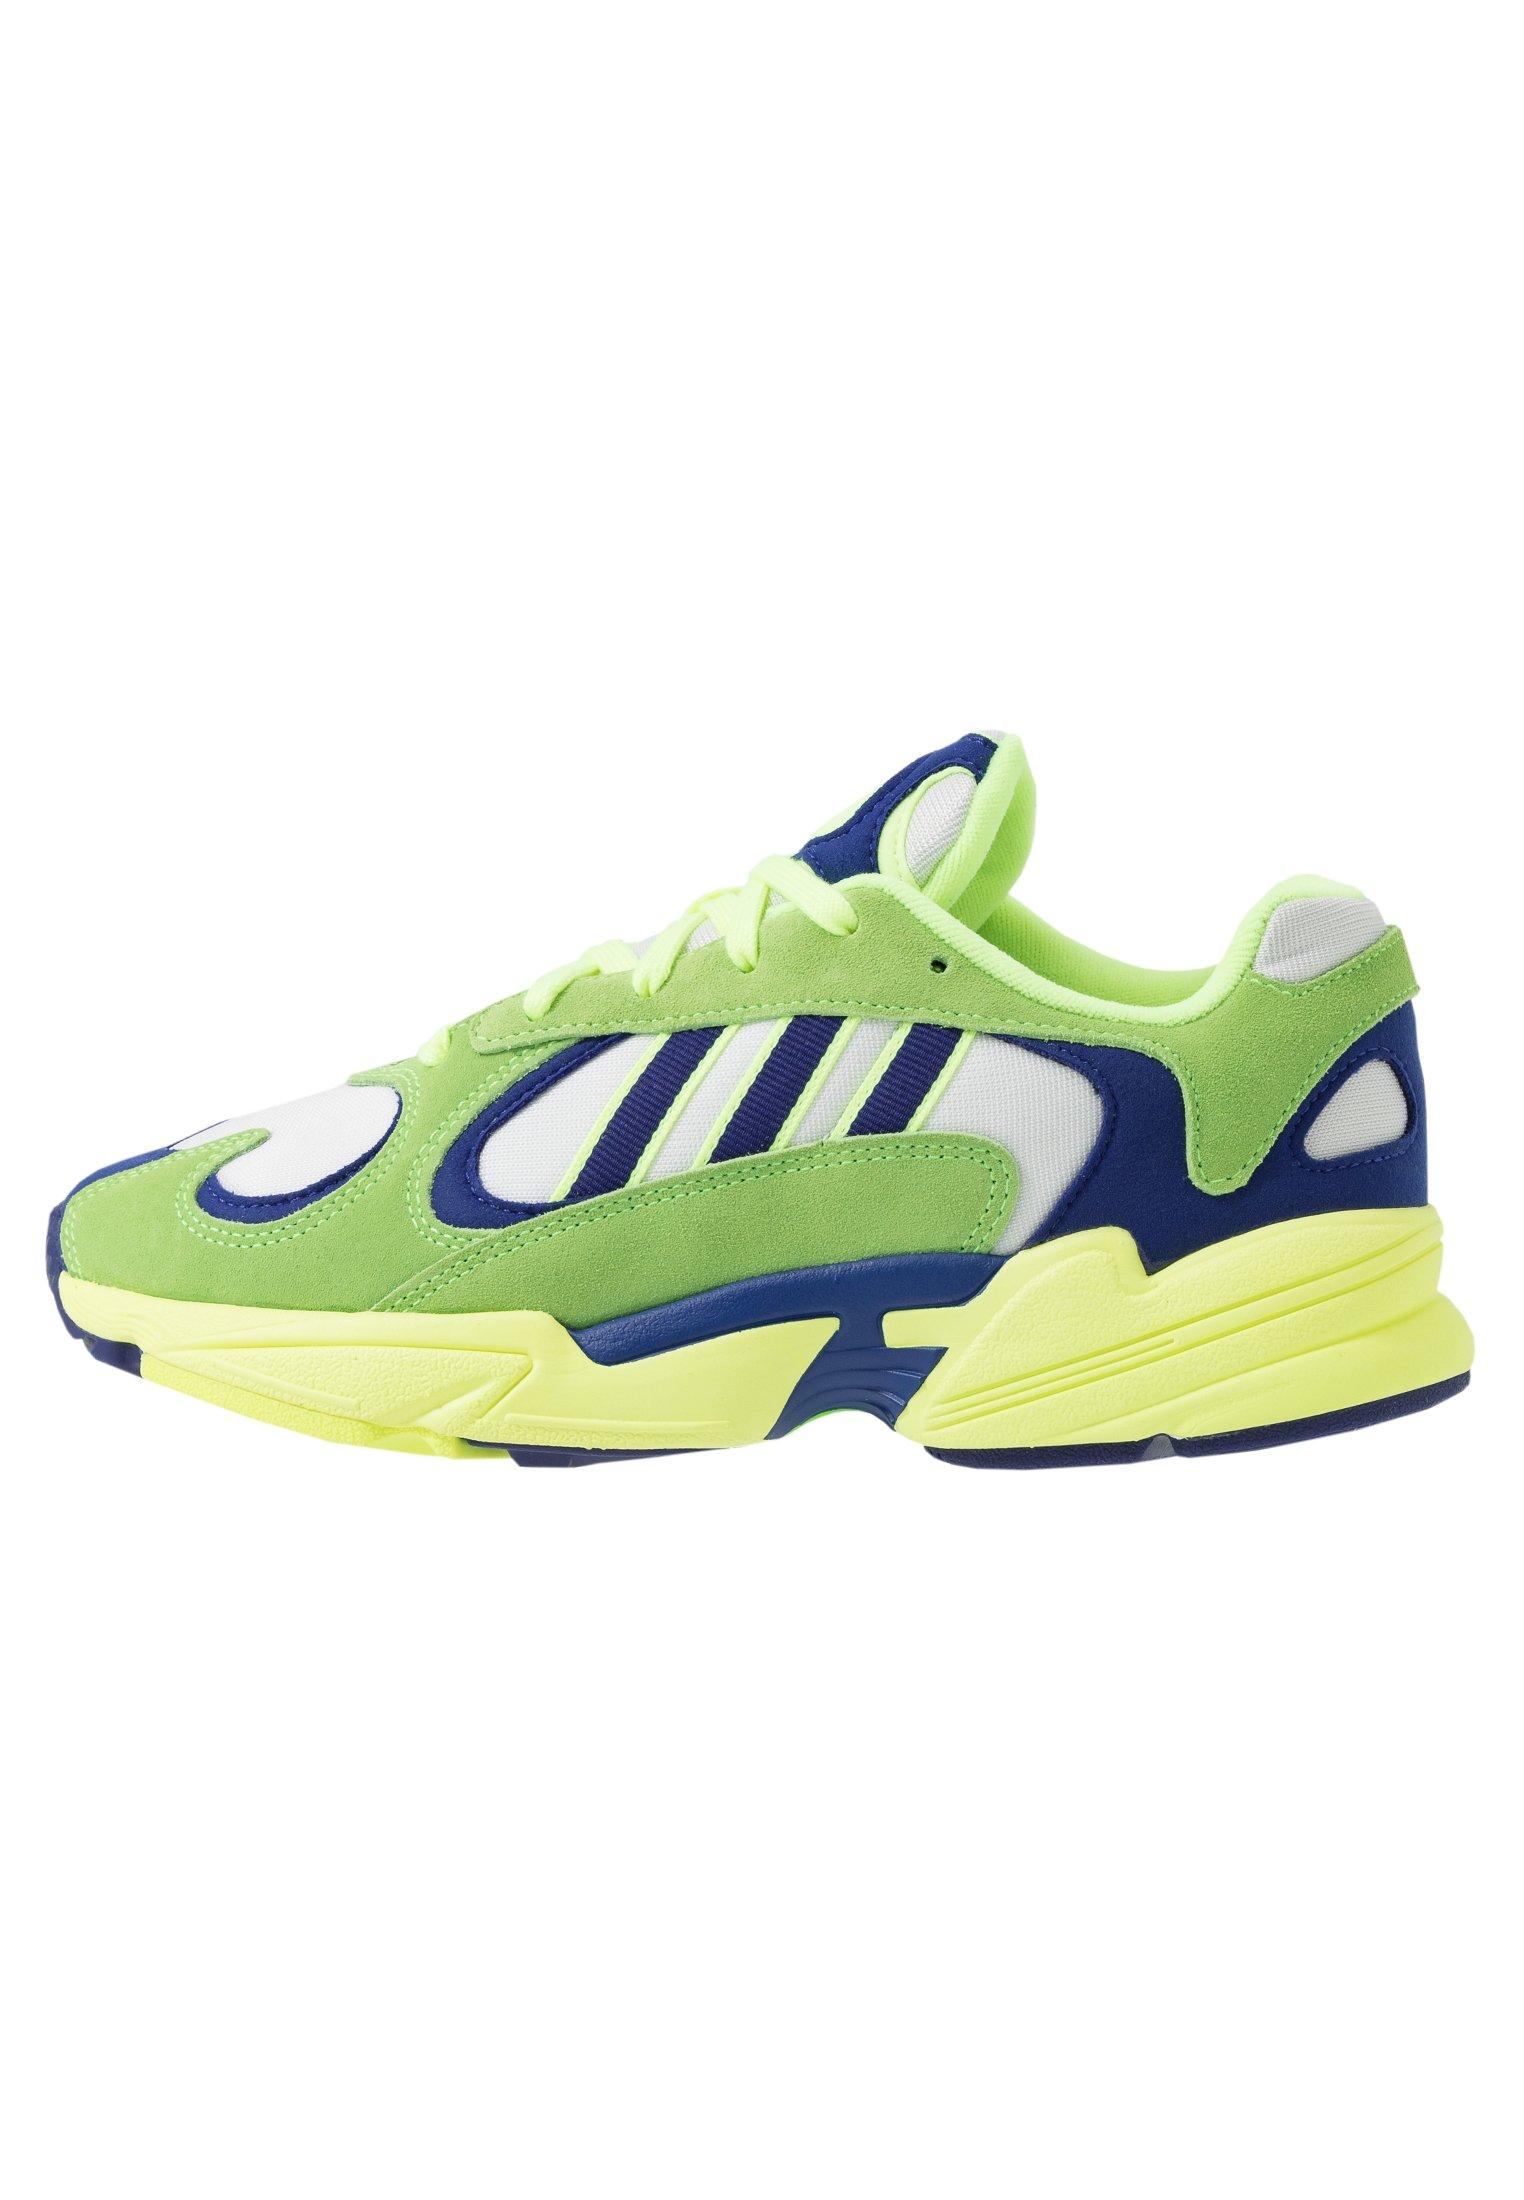 Grüne Sneaker für Damen im SALE   Spare online mit ZALANDO